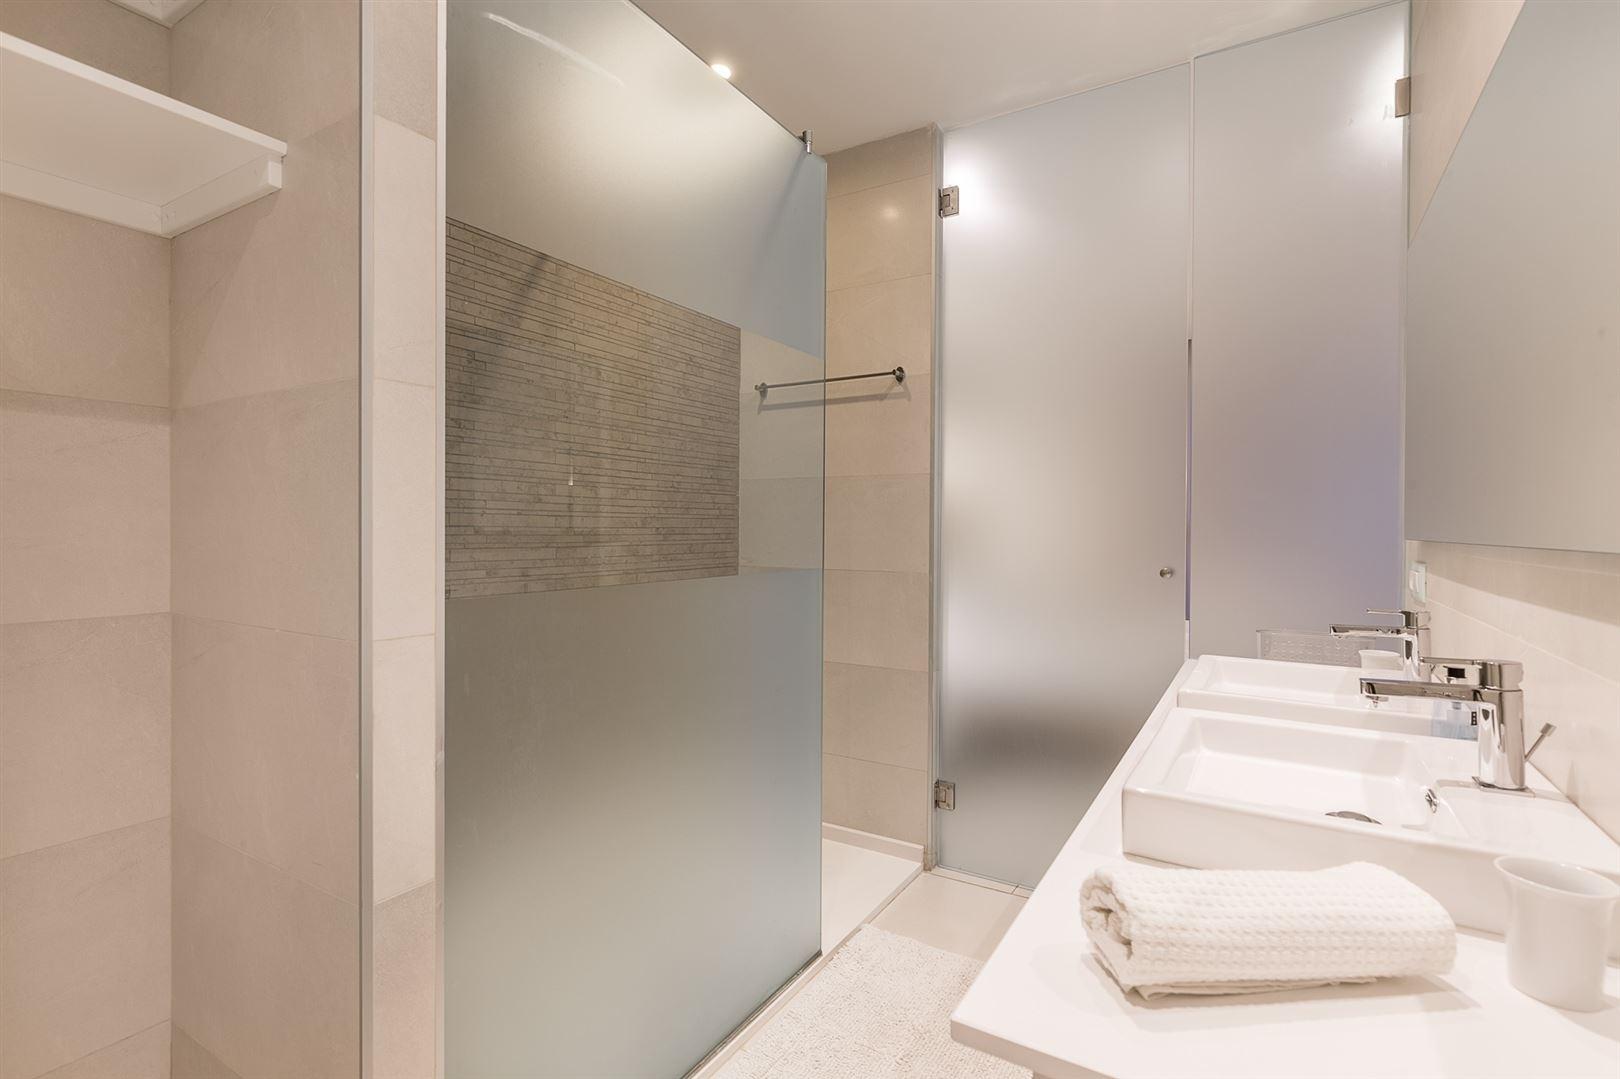 Foto 6 : Appartement te 38632 PALM MAR (Spanje) - Prijs € 325.000